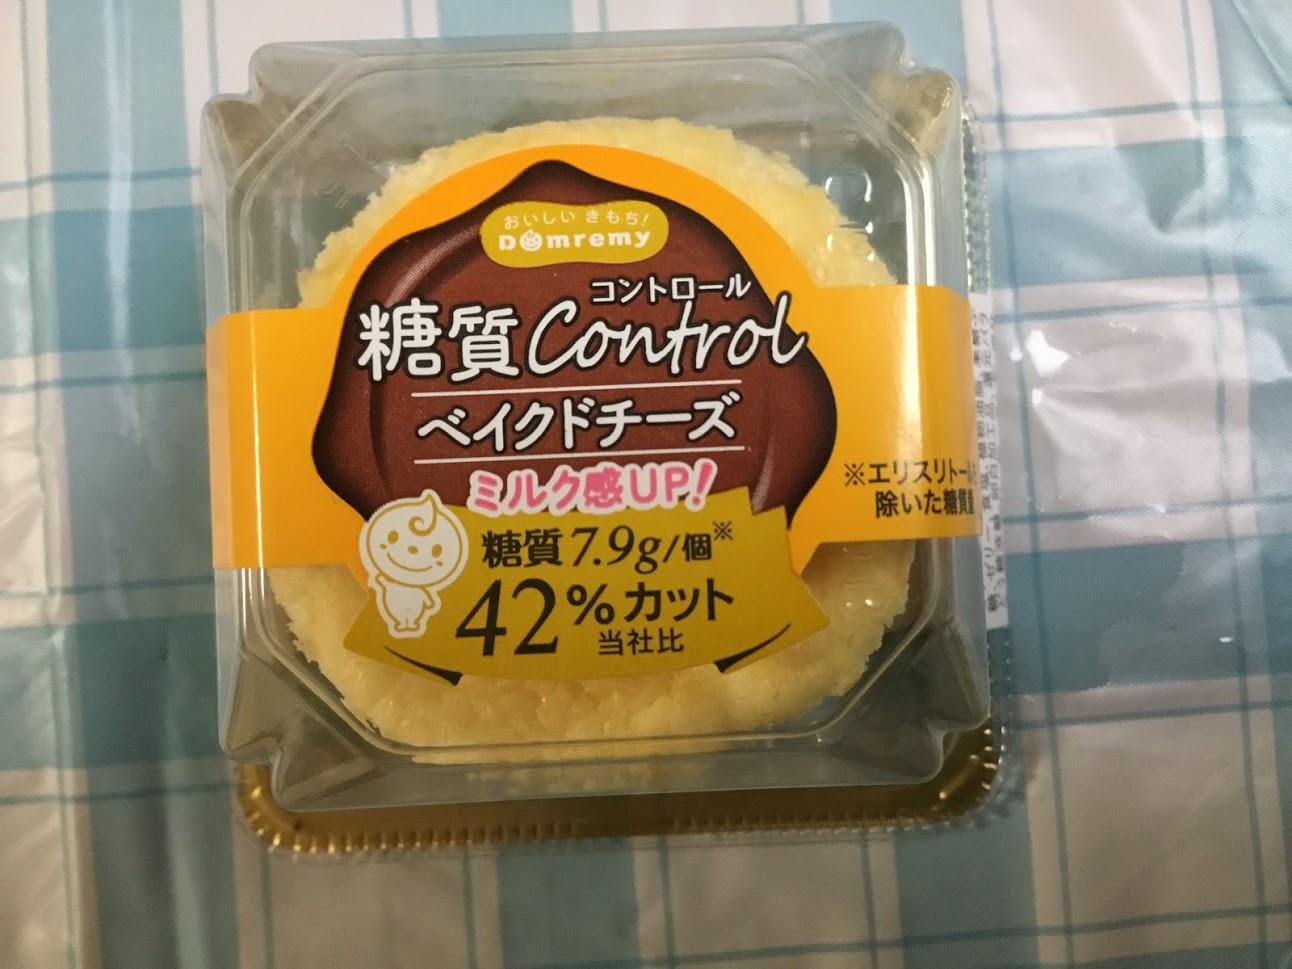 ドレンミーの糖質コントロールベイクドチーズ